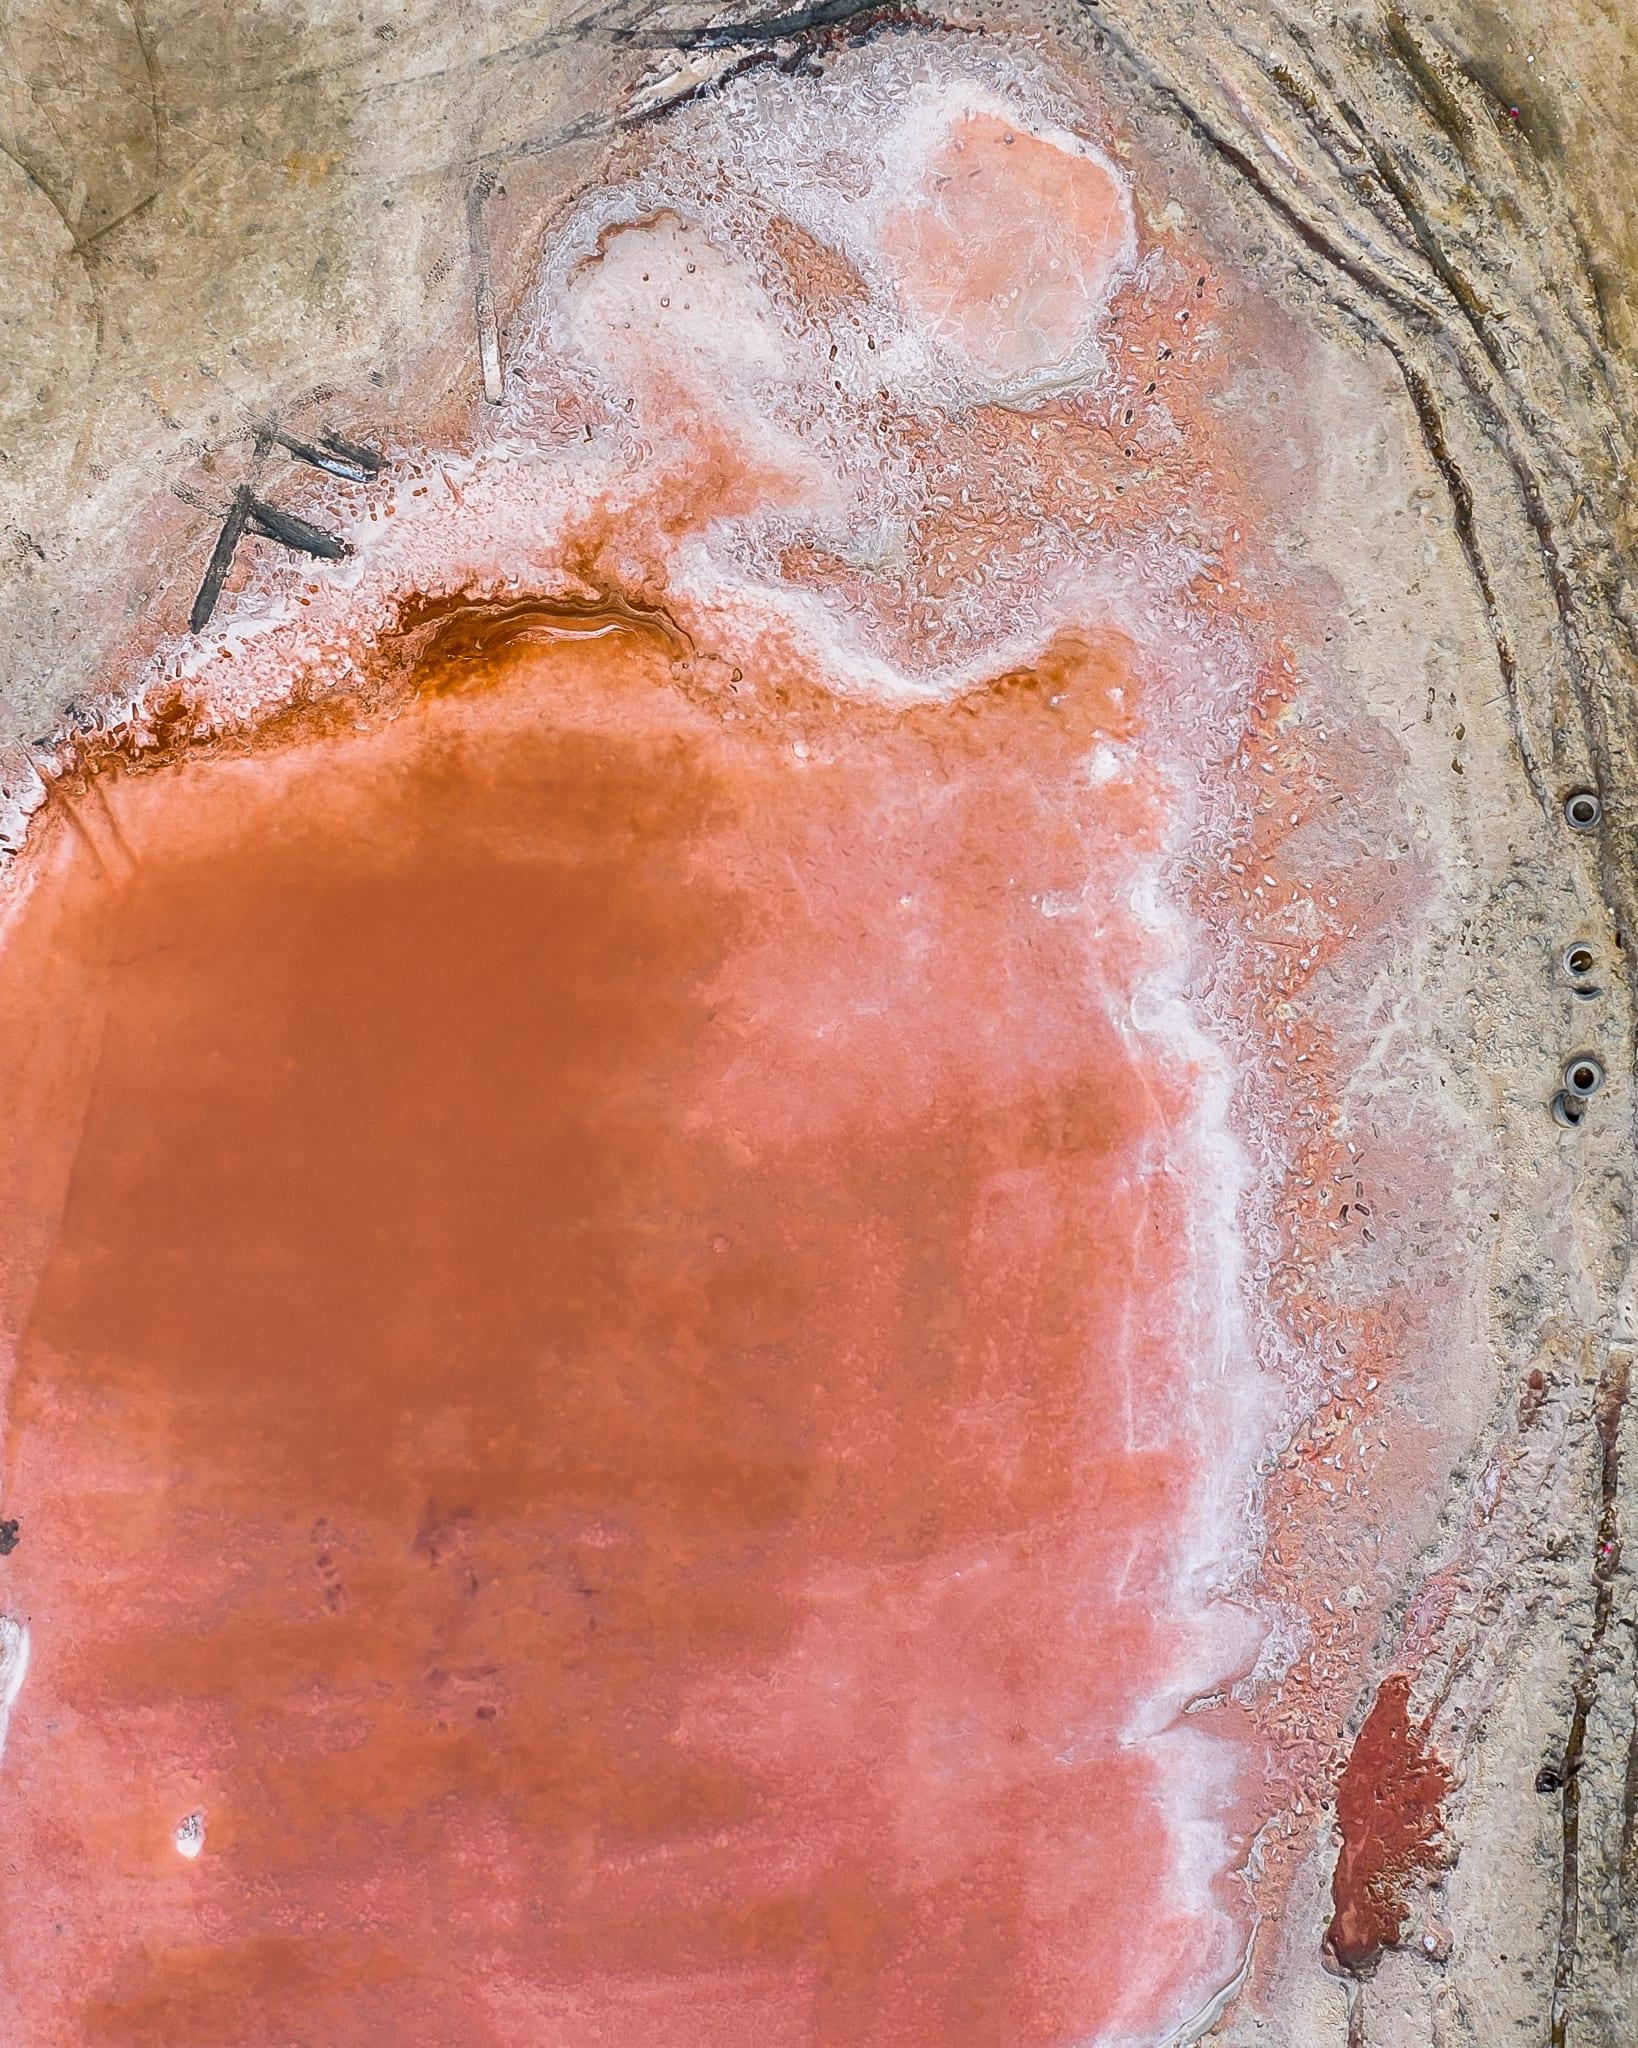 بالإمارات.. مصور يوثق بحيرة وردية طبيعية وهذا هو السبب وراء لونها